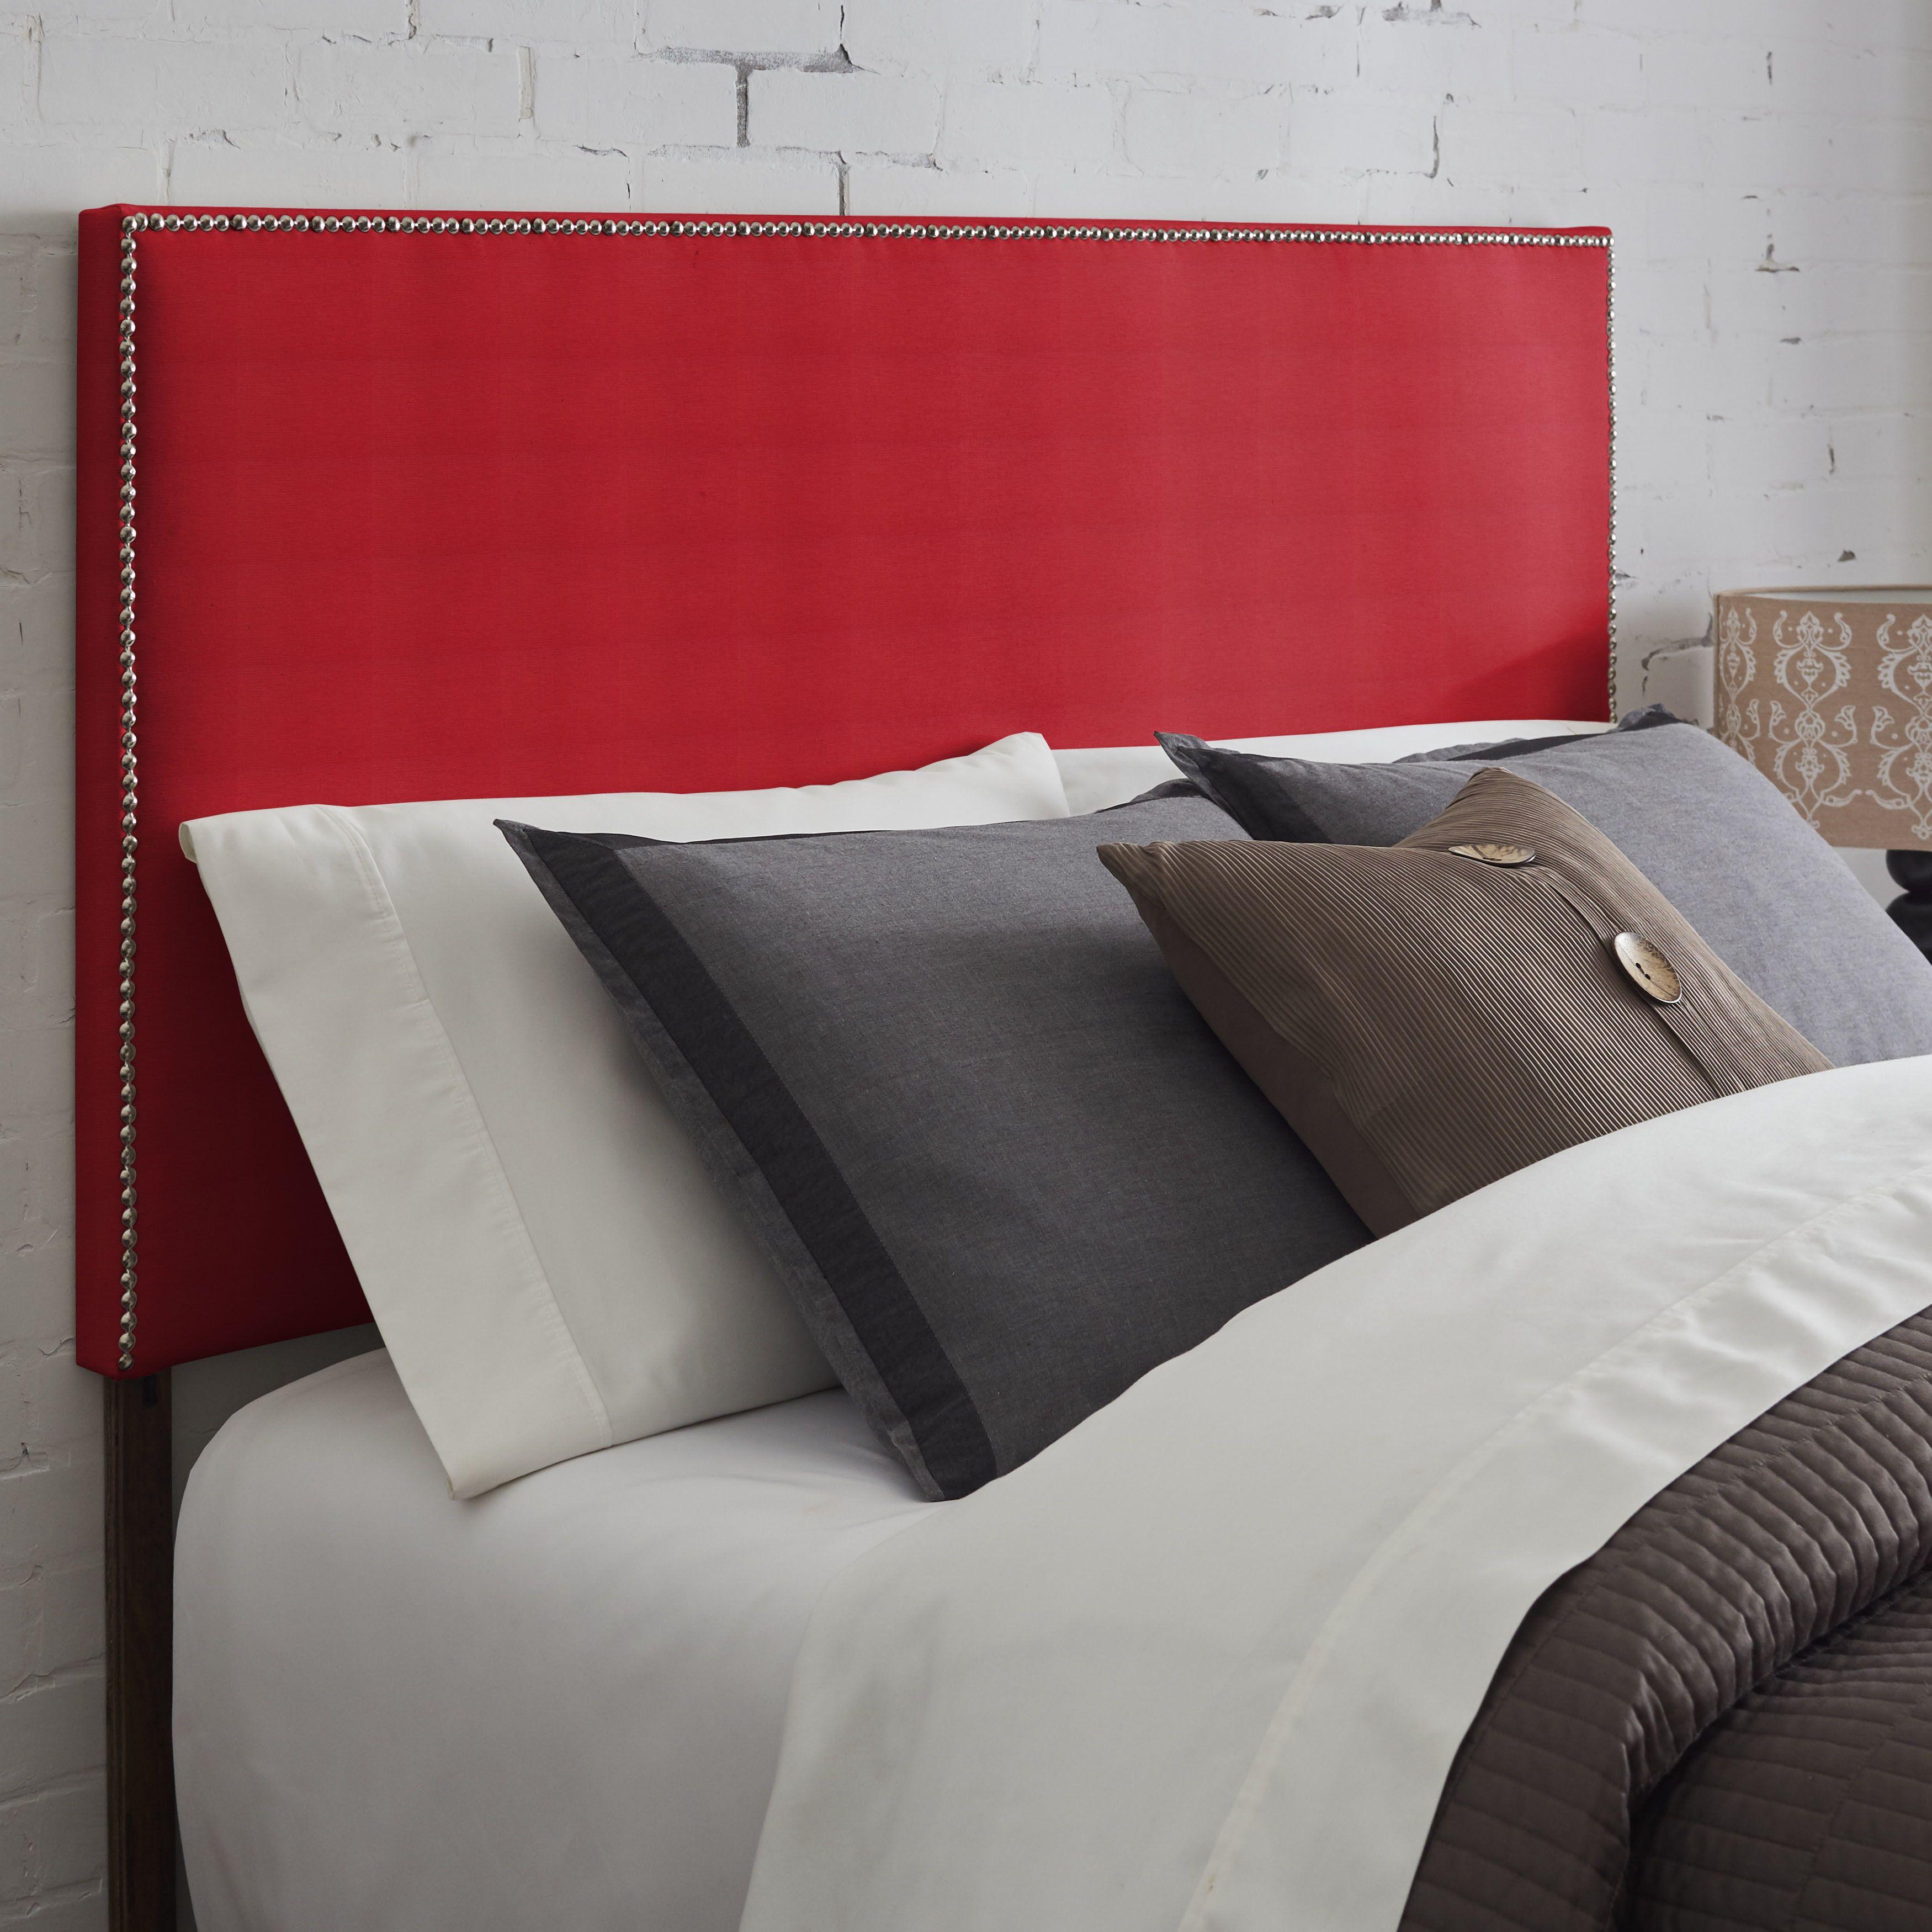 Loft bedroom no door  Humble  Haute Nottingham Nailhead Trim Red Upholstered Headboard